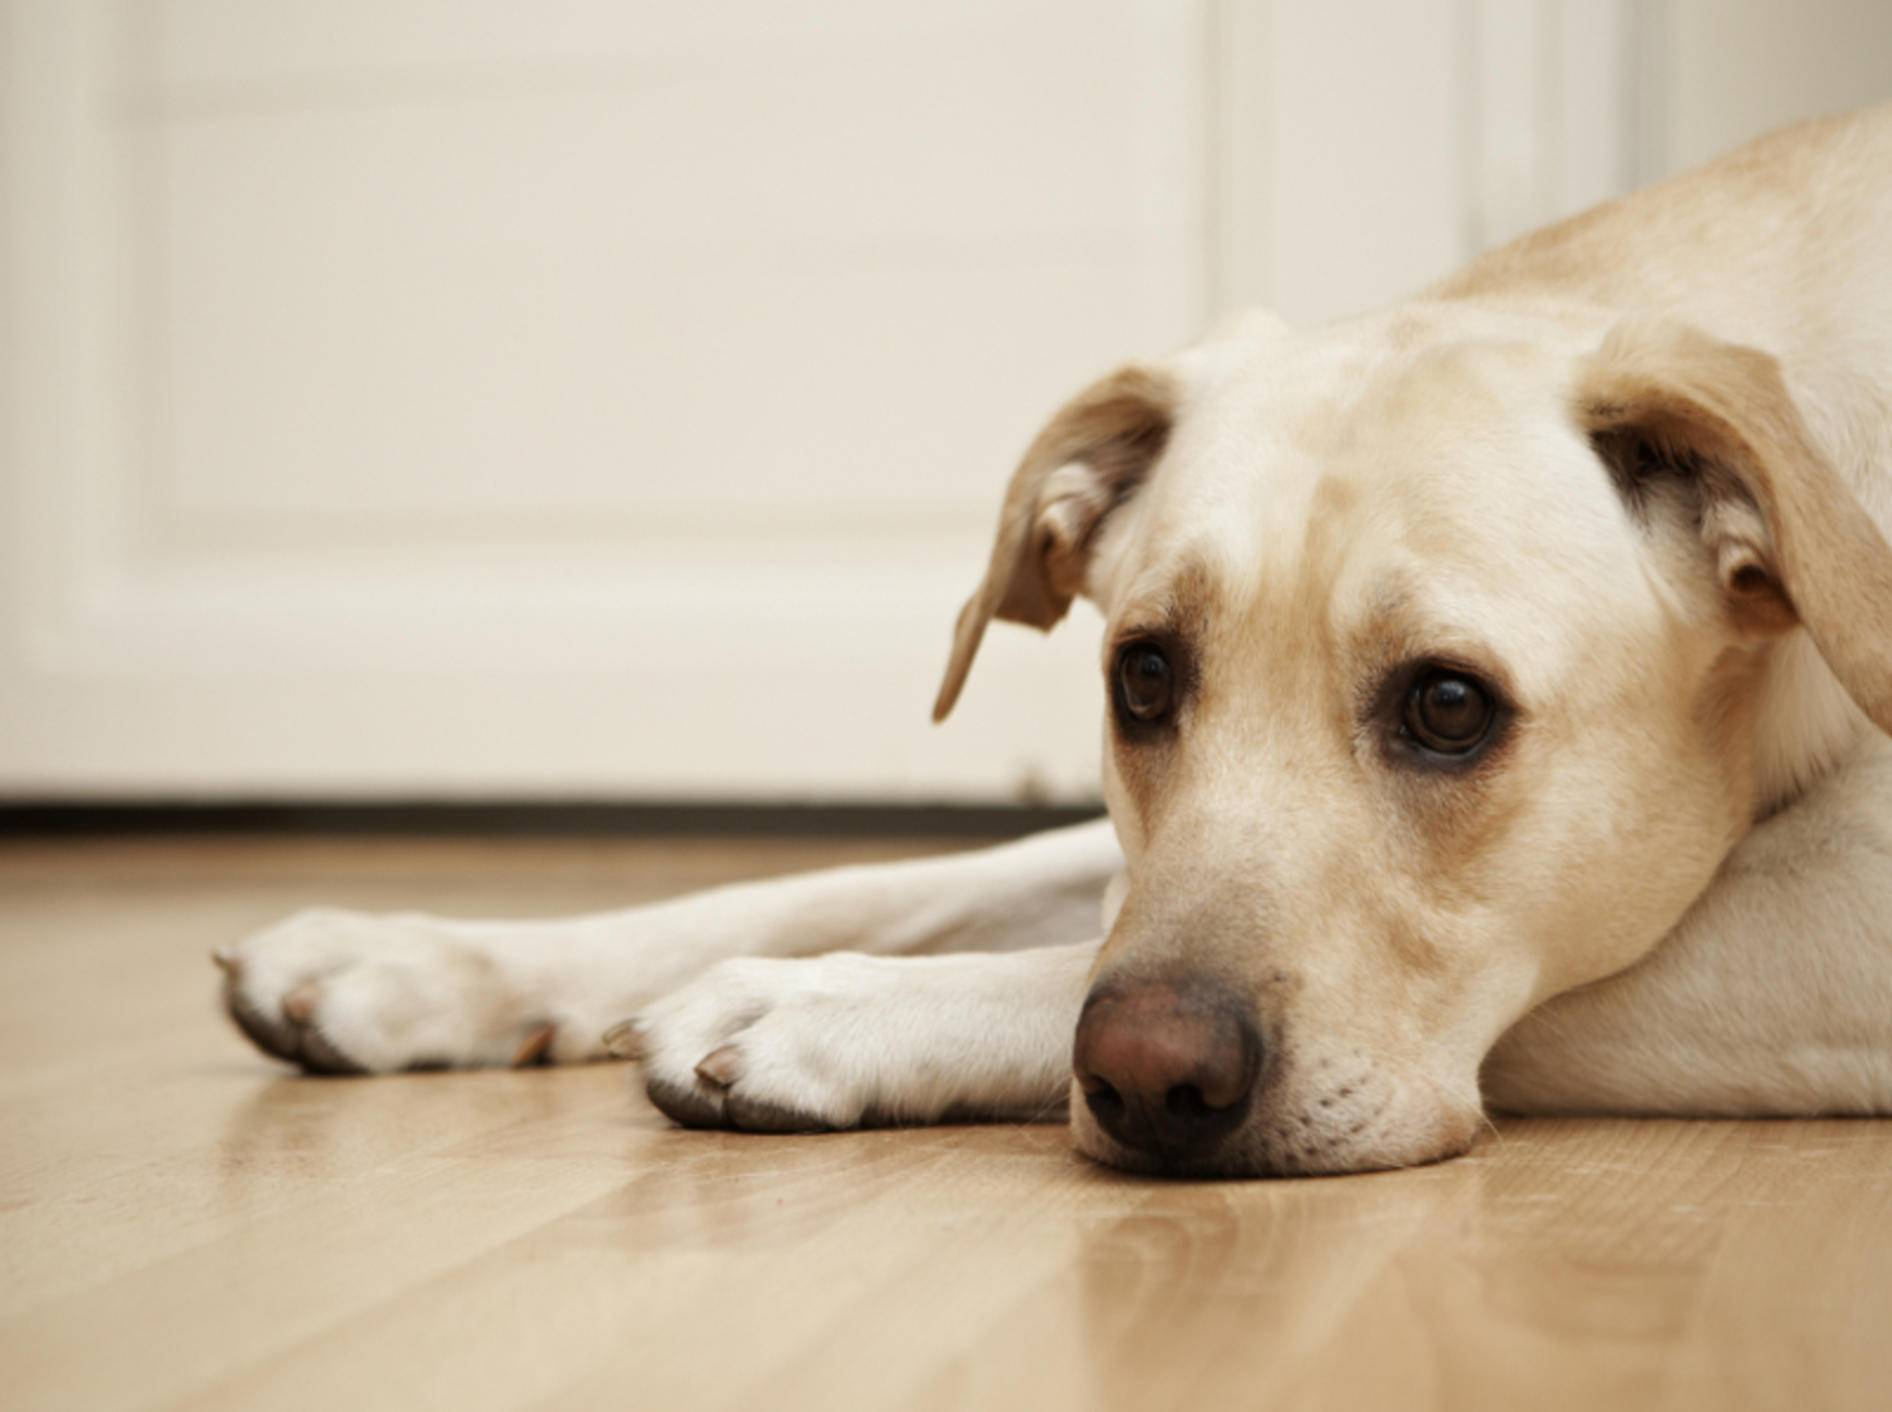 Ein gestresster Hund braucht Ruhe – Bild: Shutterstock / Jaromir Chalabala